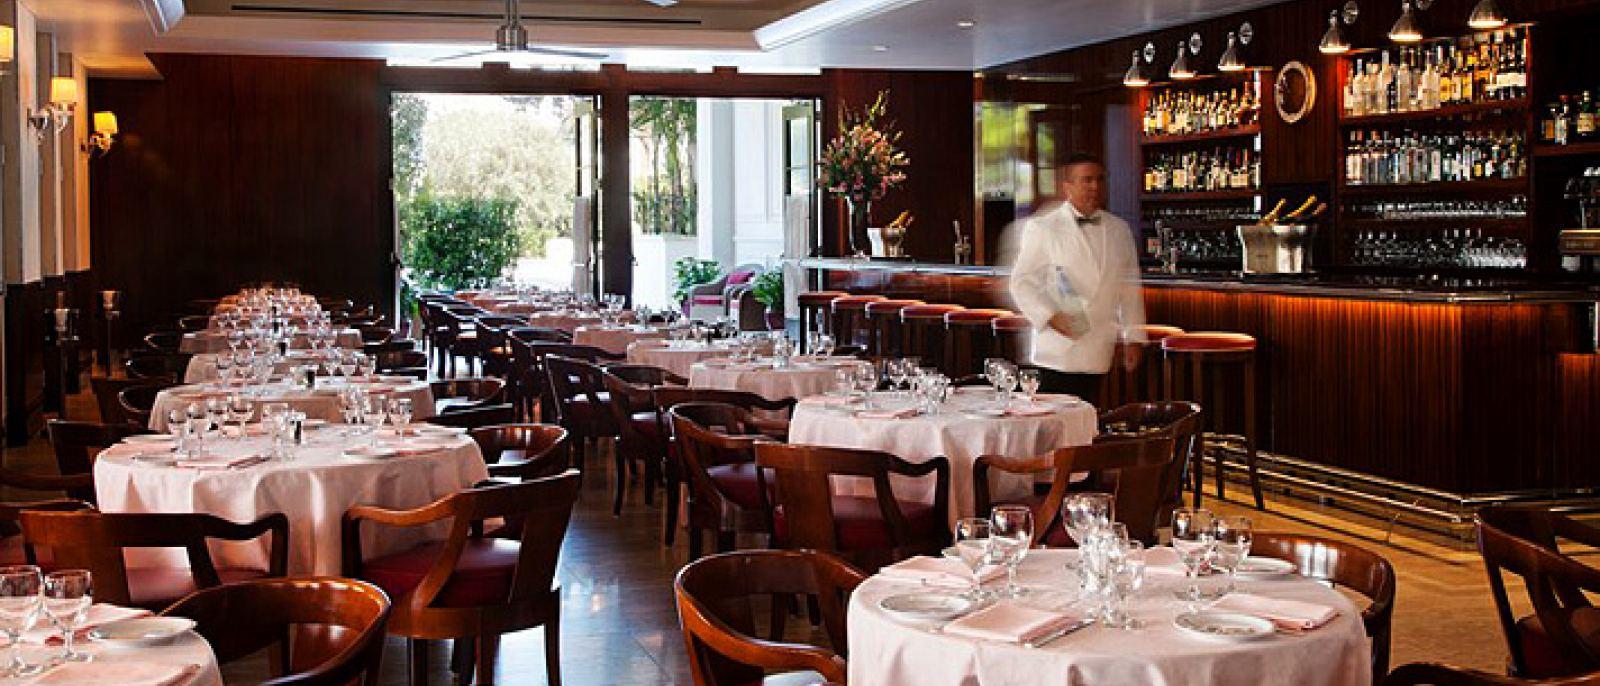 restaurant-mr-c-beverly-hills